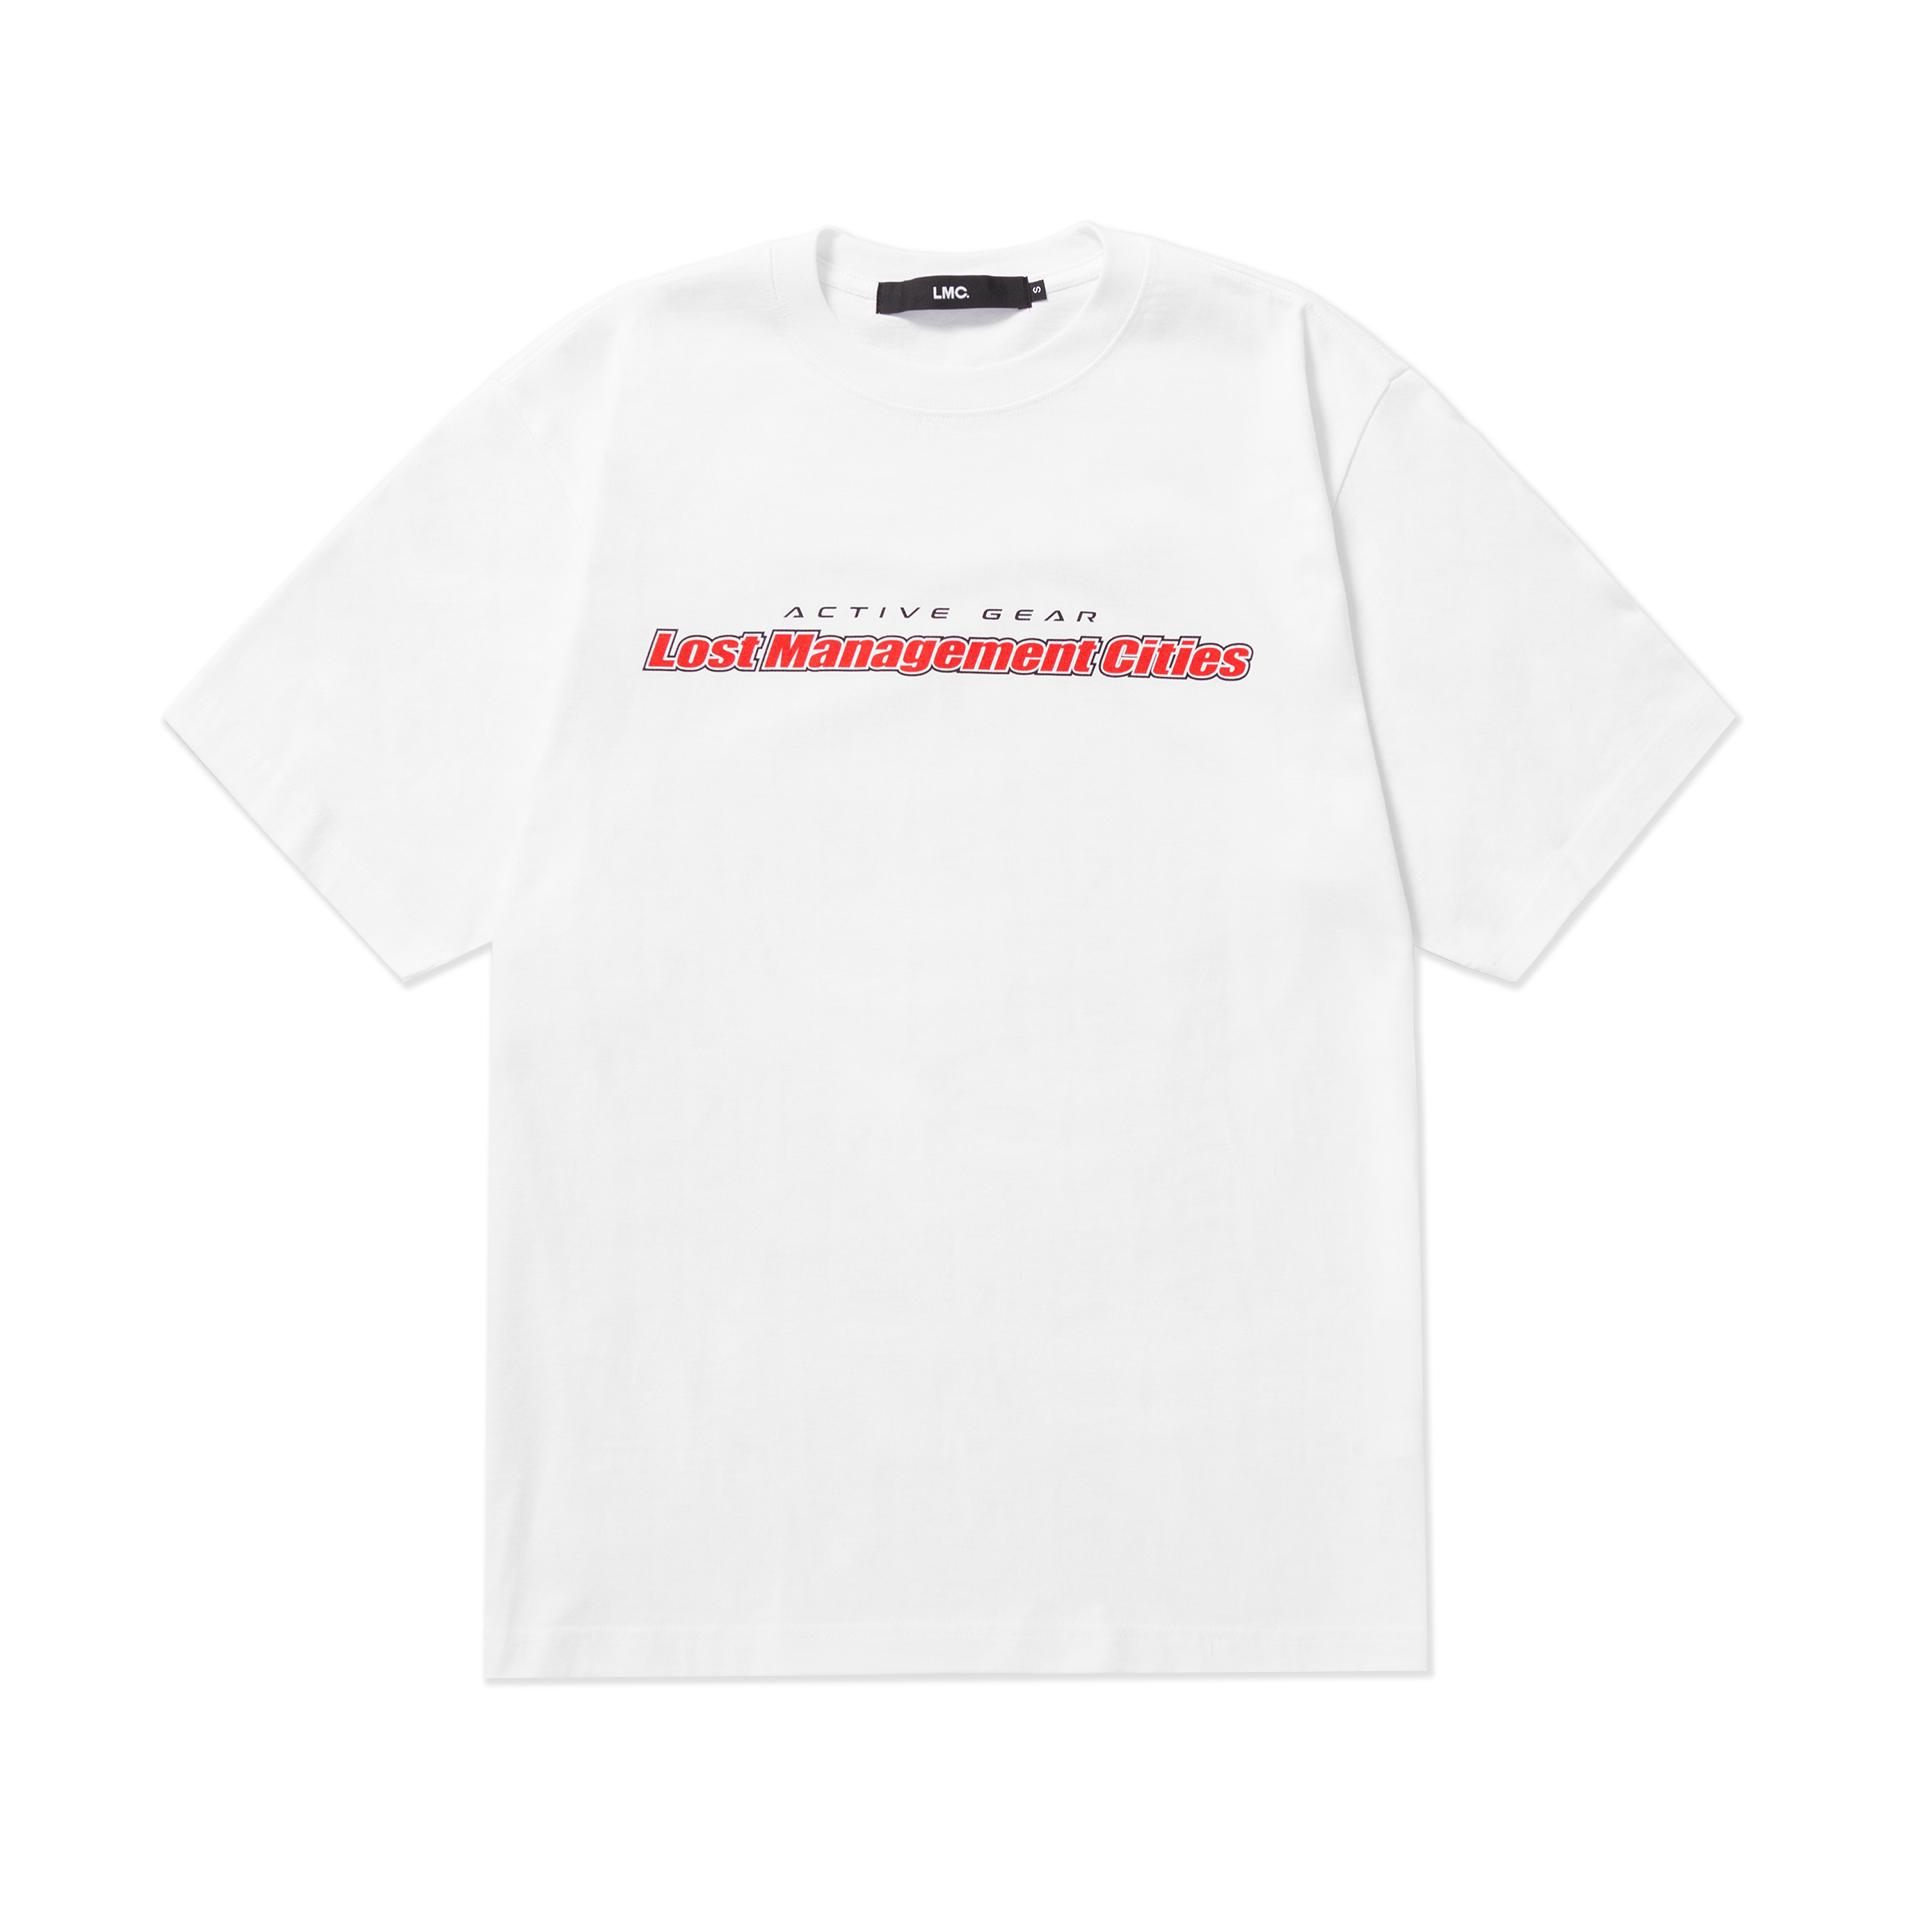 엘엠씨(LMC) LMC 5th ANNIV RETRO VERTICAL GRADIENT TEE white